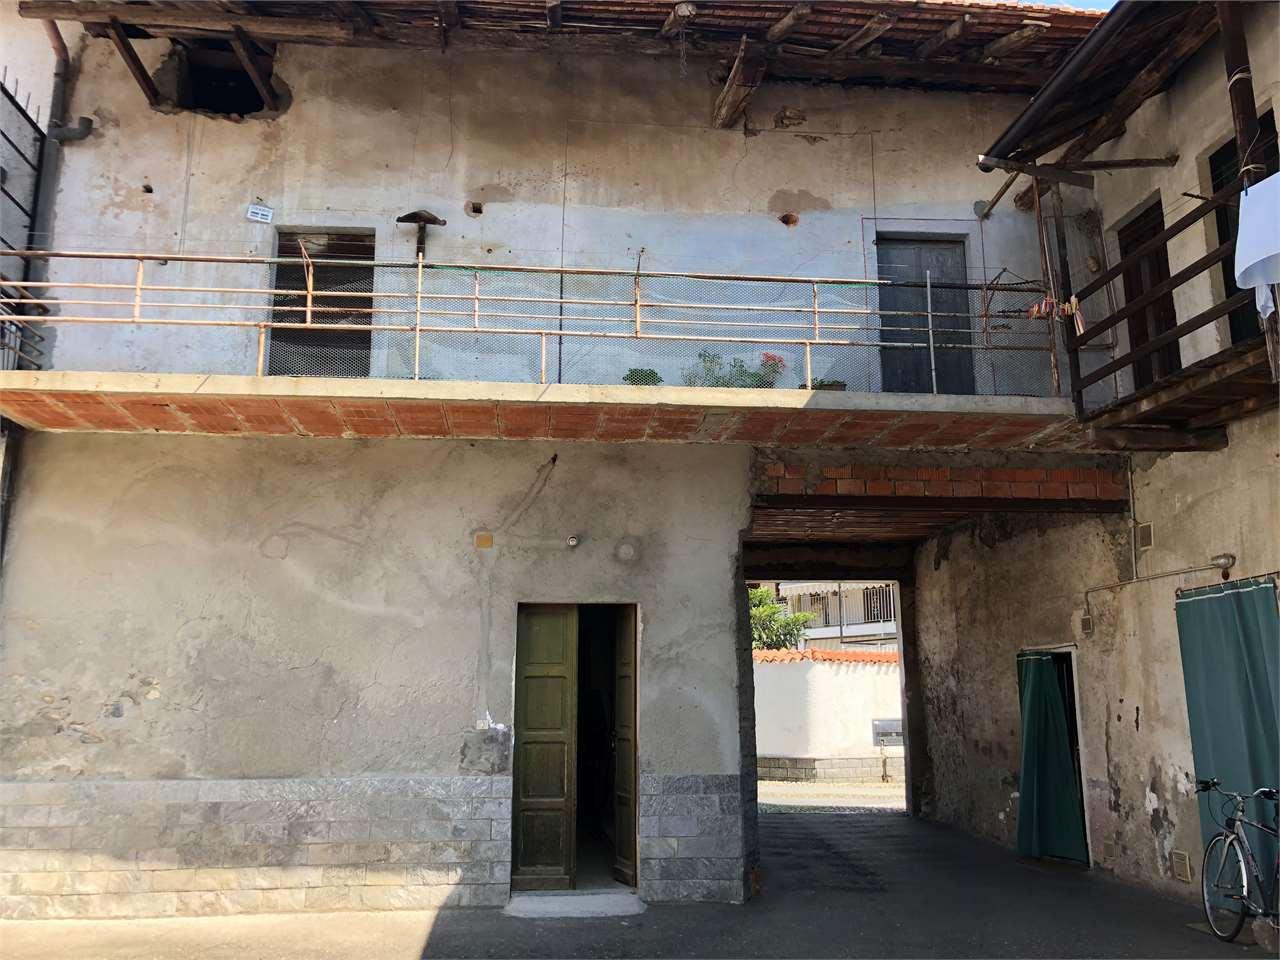 Appartamento in vendita a Cureggio, 3 locali, prezzo € 30.000 | CambioCasa.it